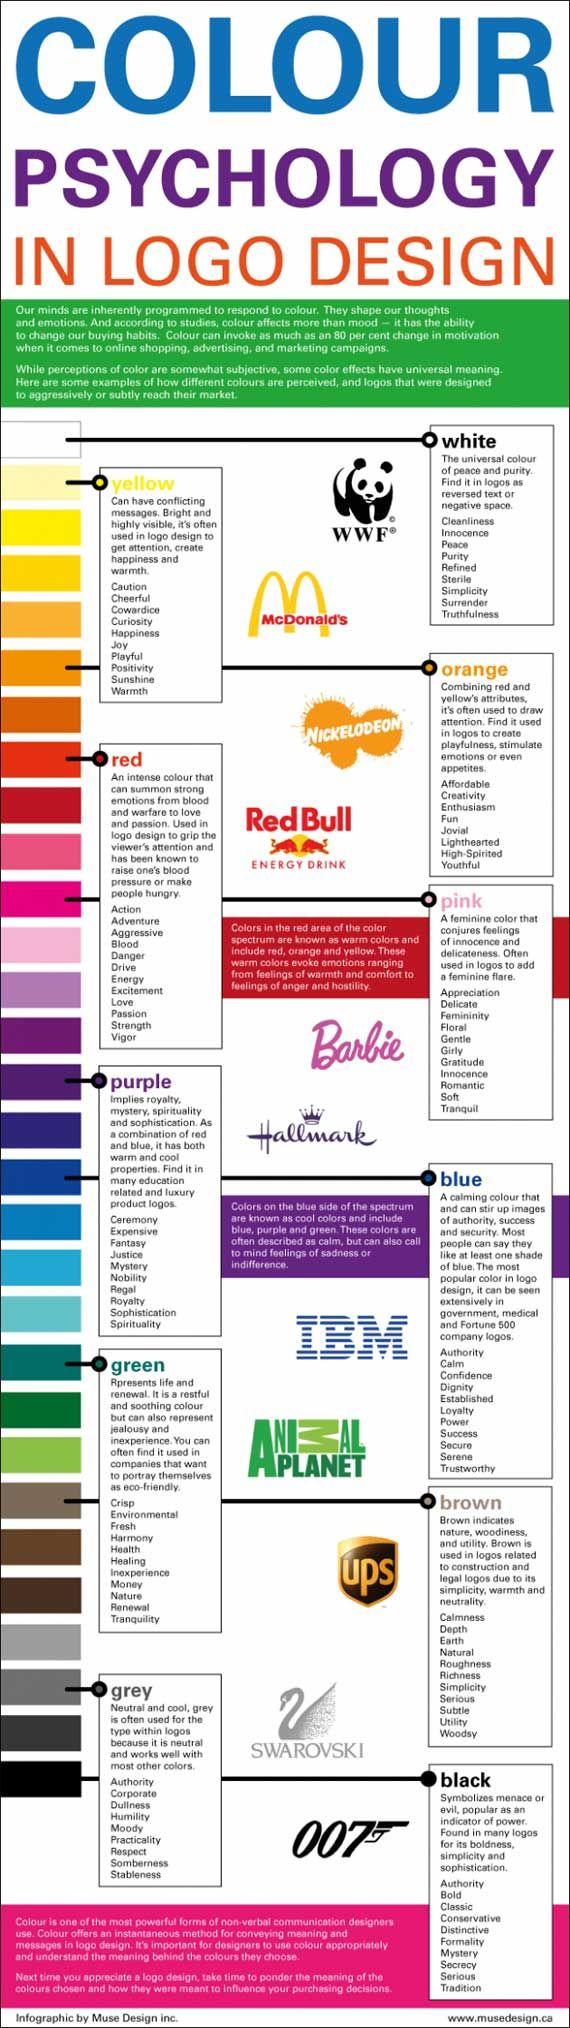 La psicologia del colore applicata ai loghi by Livia di Pasquale, Pinnata dal blog Tiragraffi